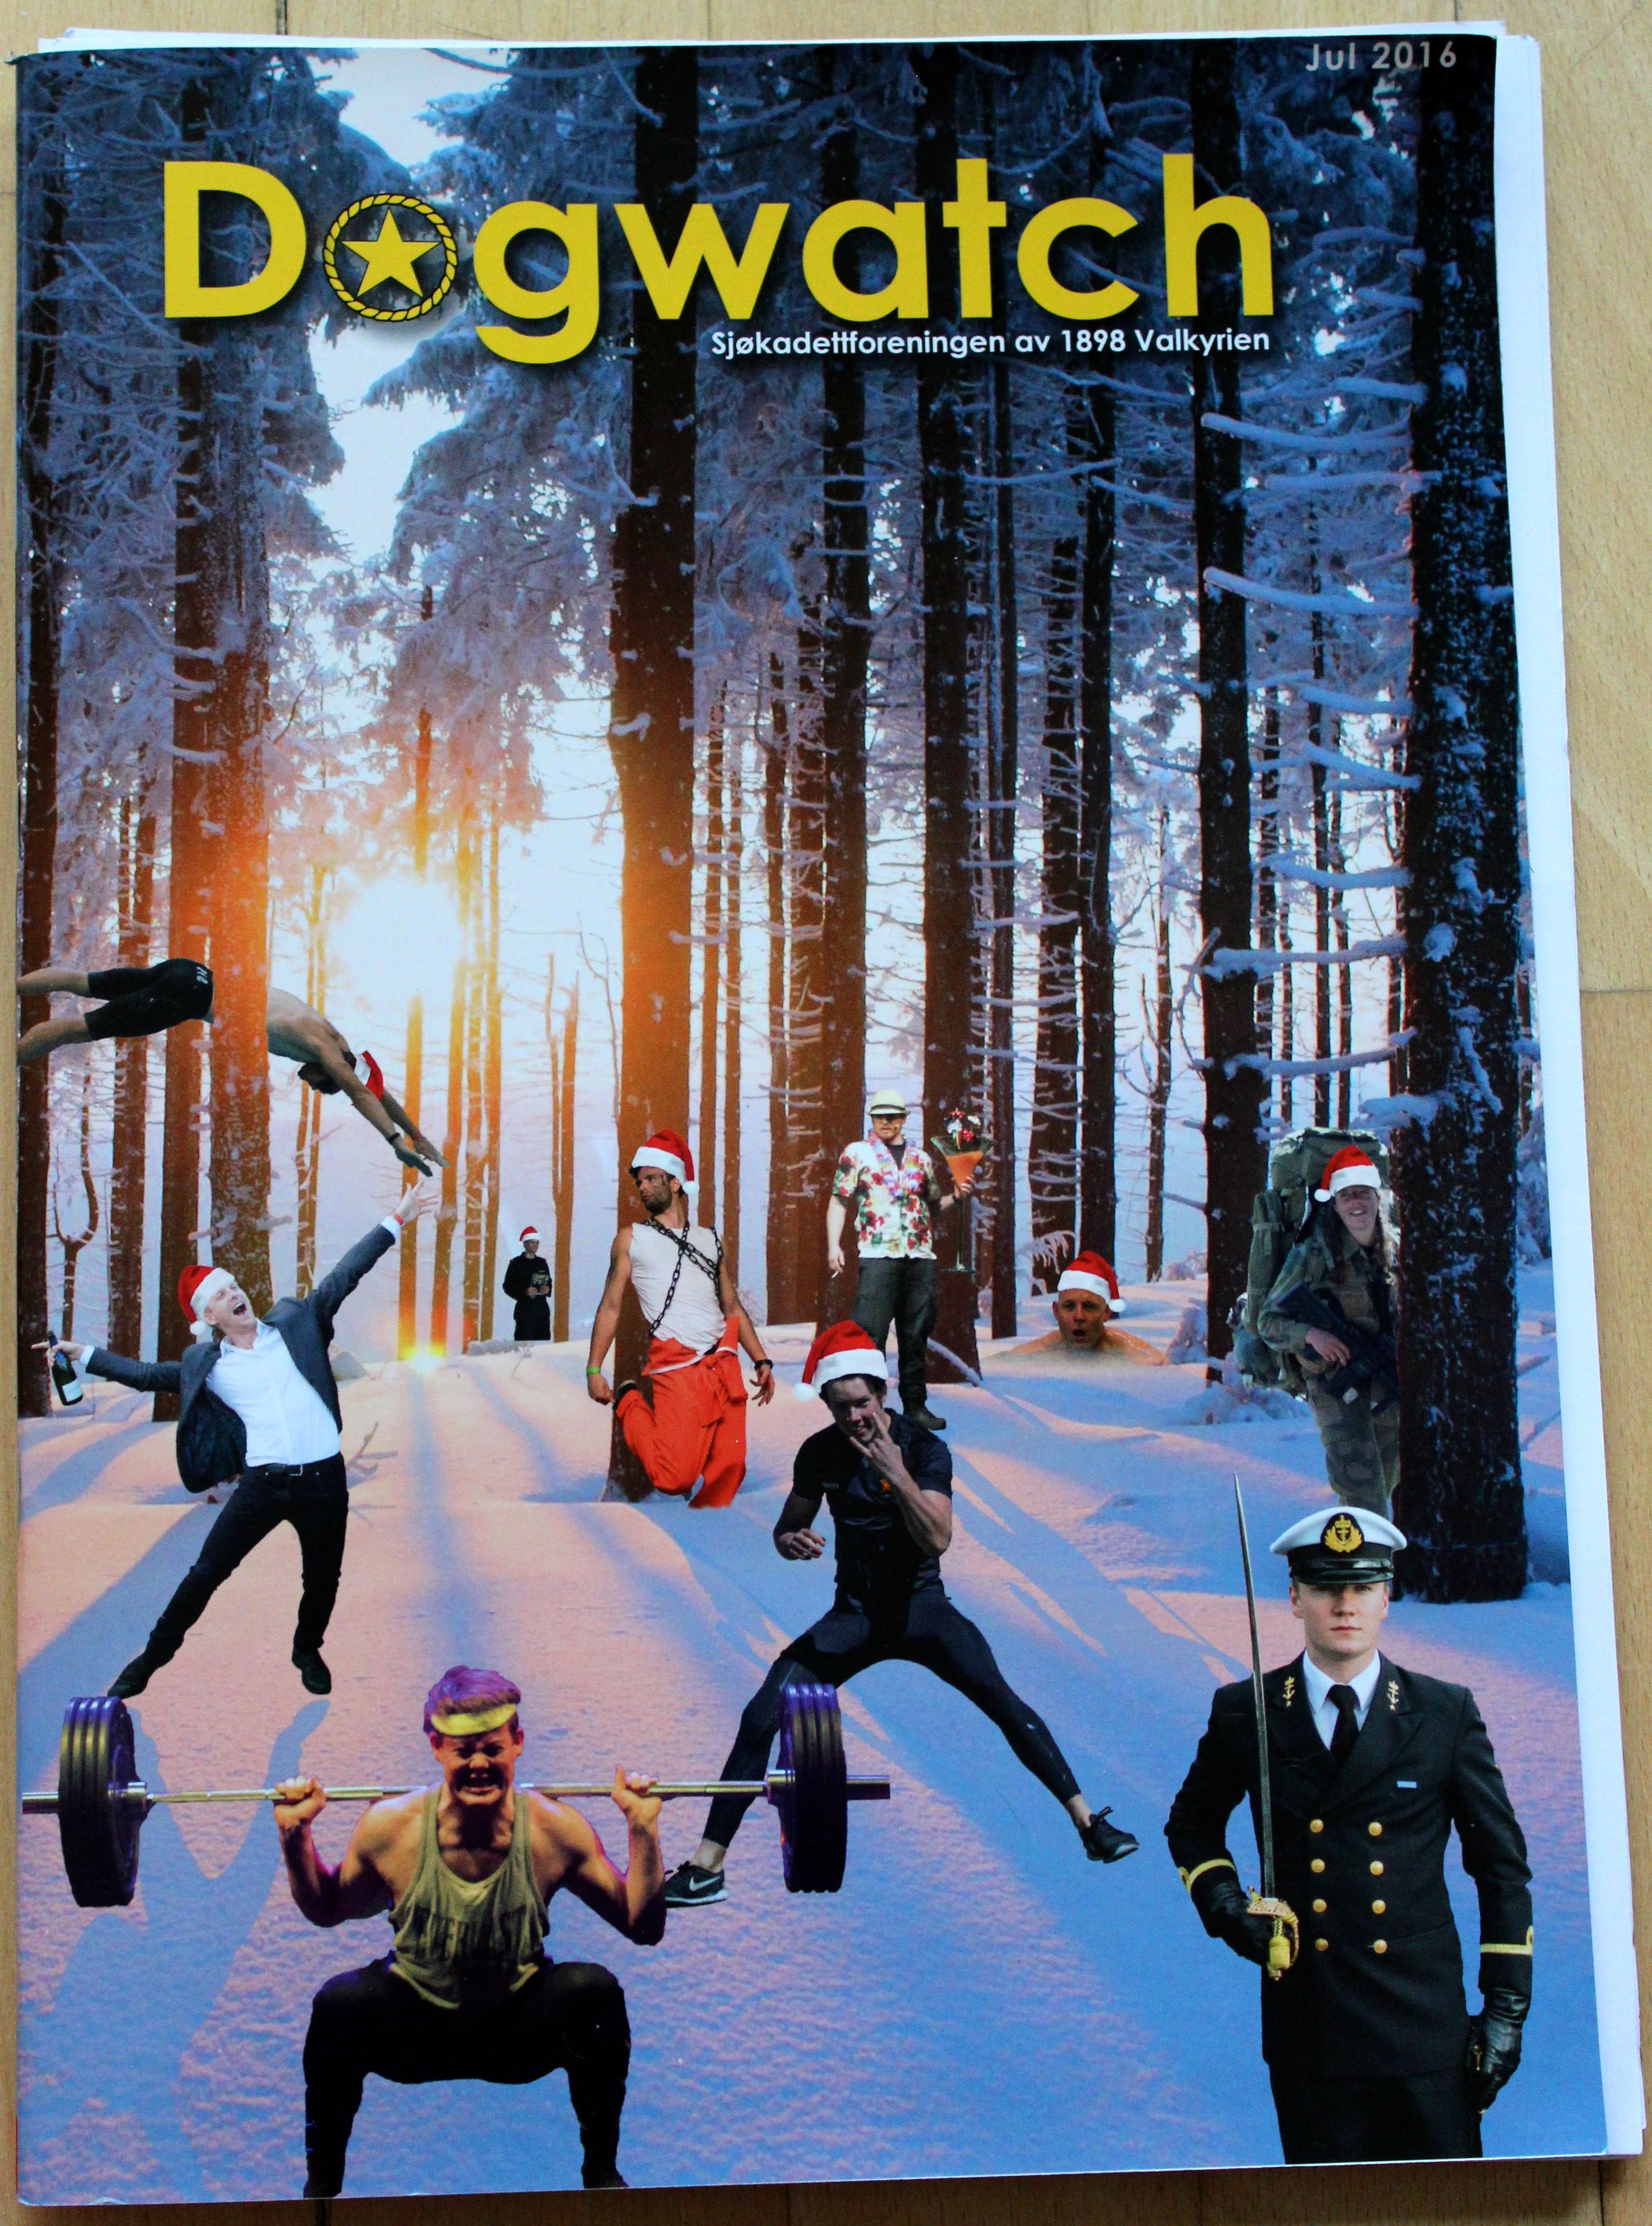 """Dogwatch, Jul 2016.  Artikel: """"Vågar du visa civilkurage"""" av Jeanette Larsson, Carpe Courage AB. Omslag."""